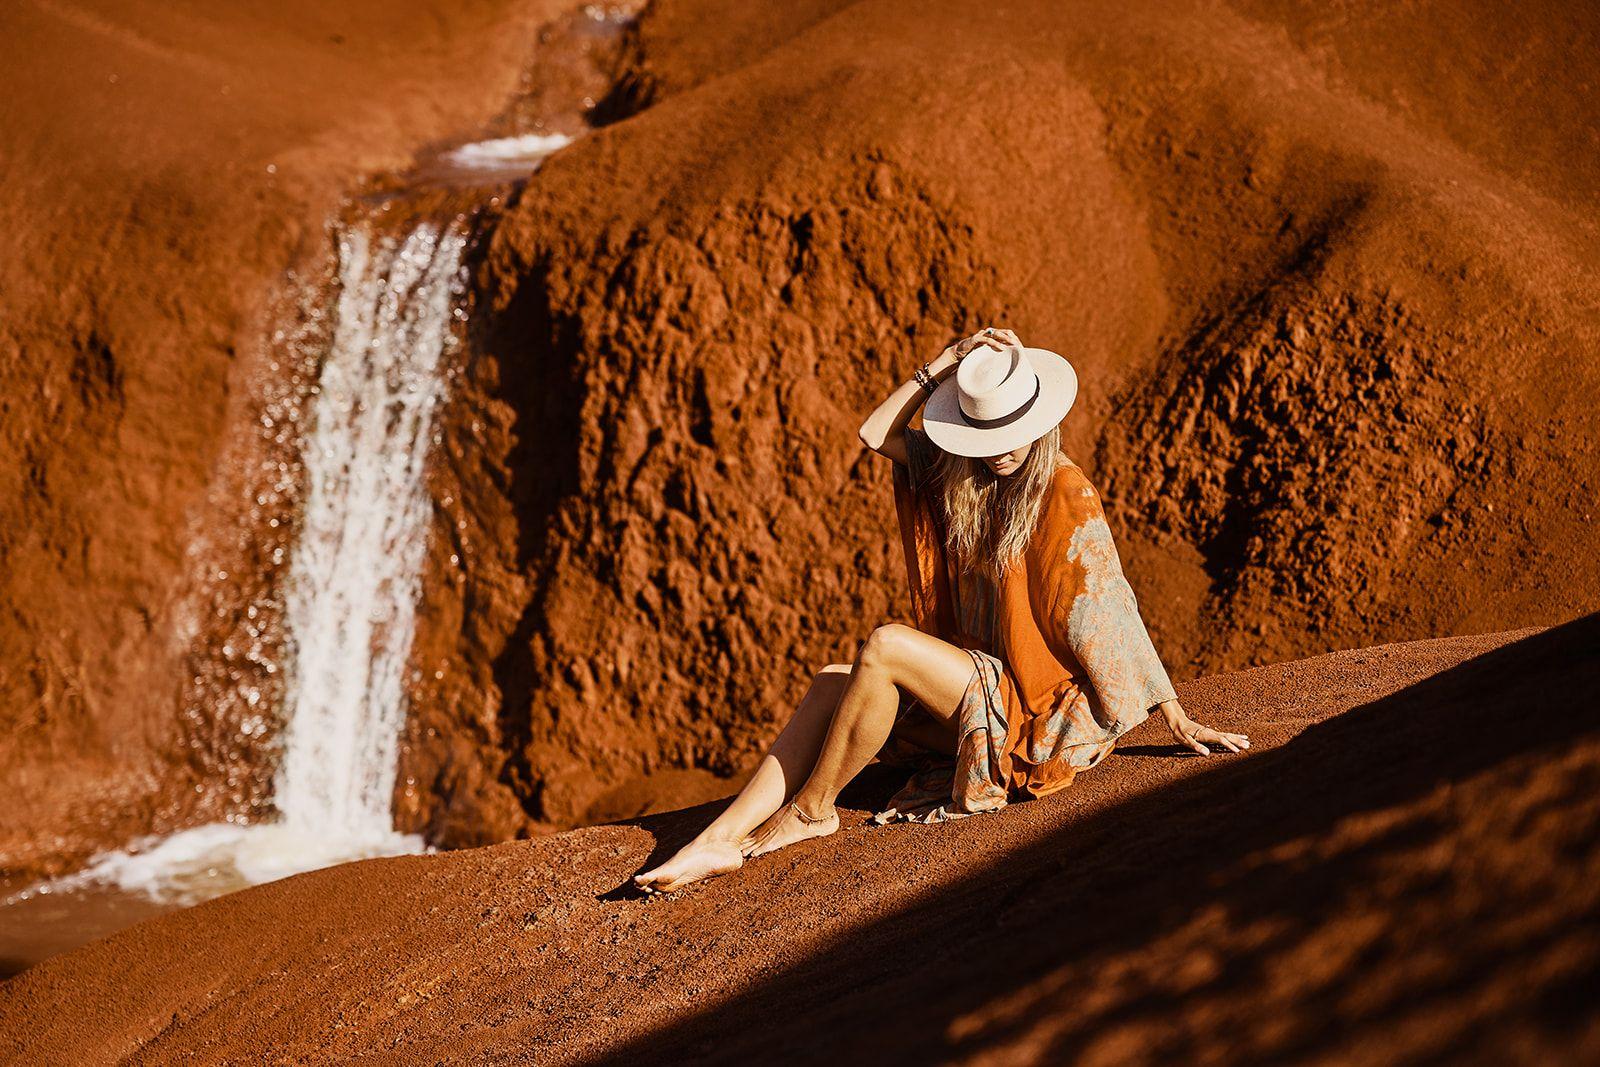 red-dirt-kauai-location-afewgoodclicks 7